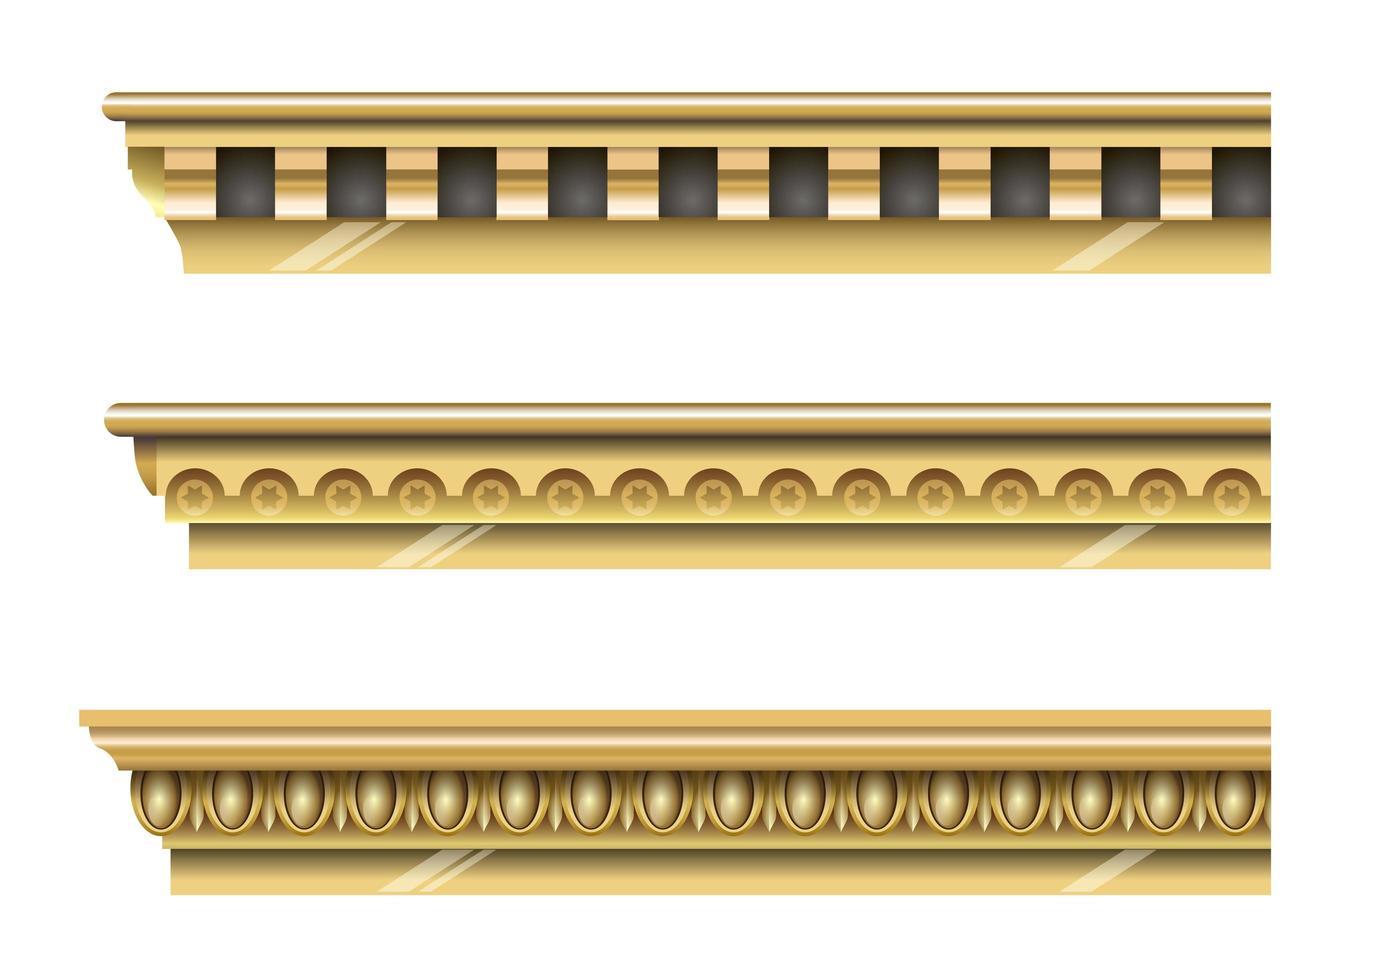 corniches d'or classiques vecteur